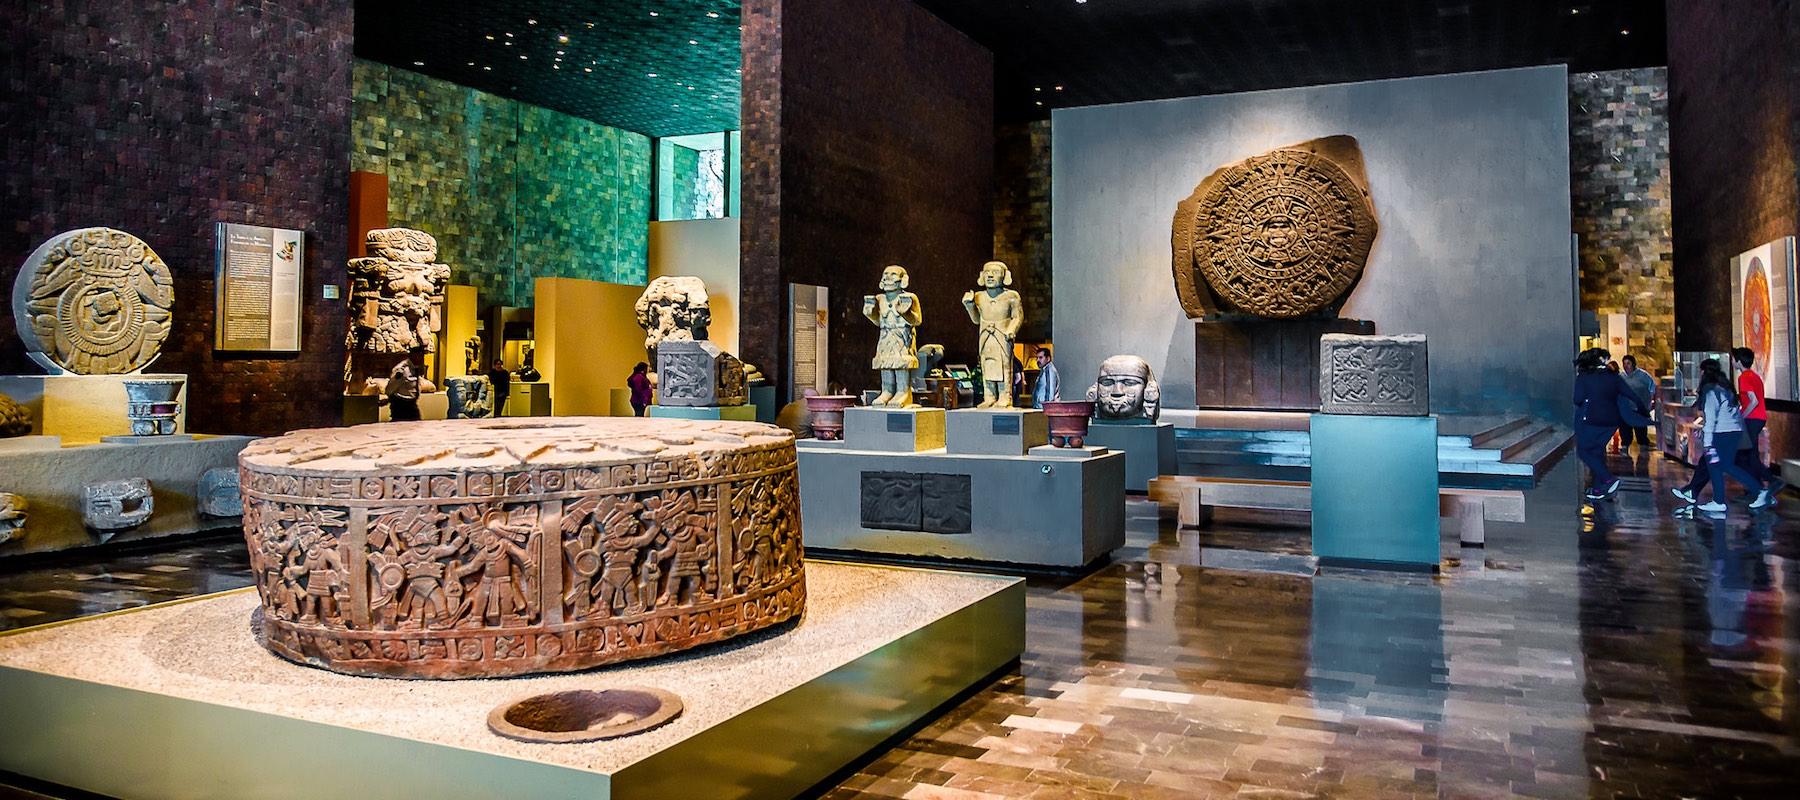 Museo de Antr. 1800x800jpg